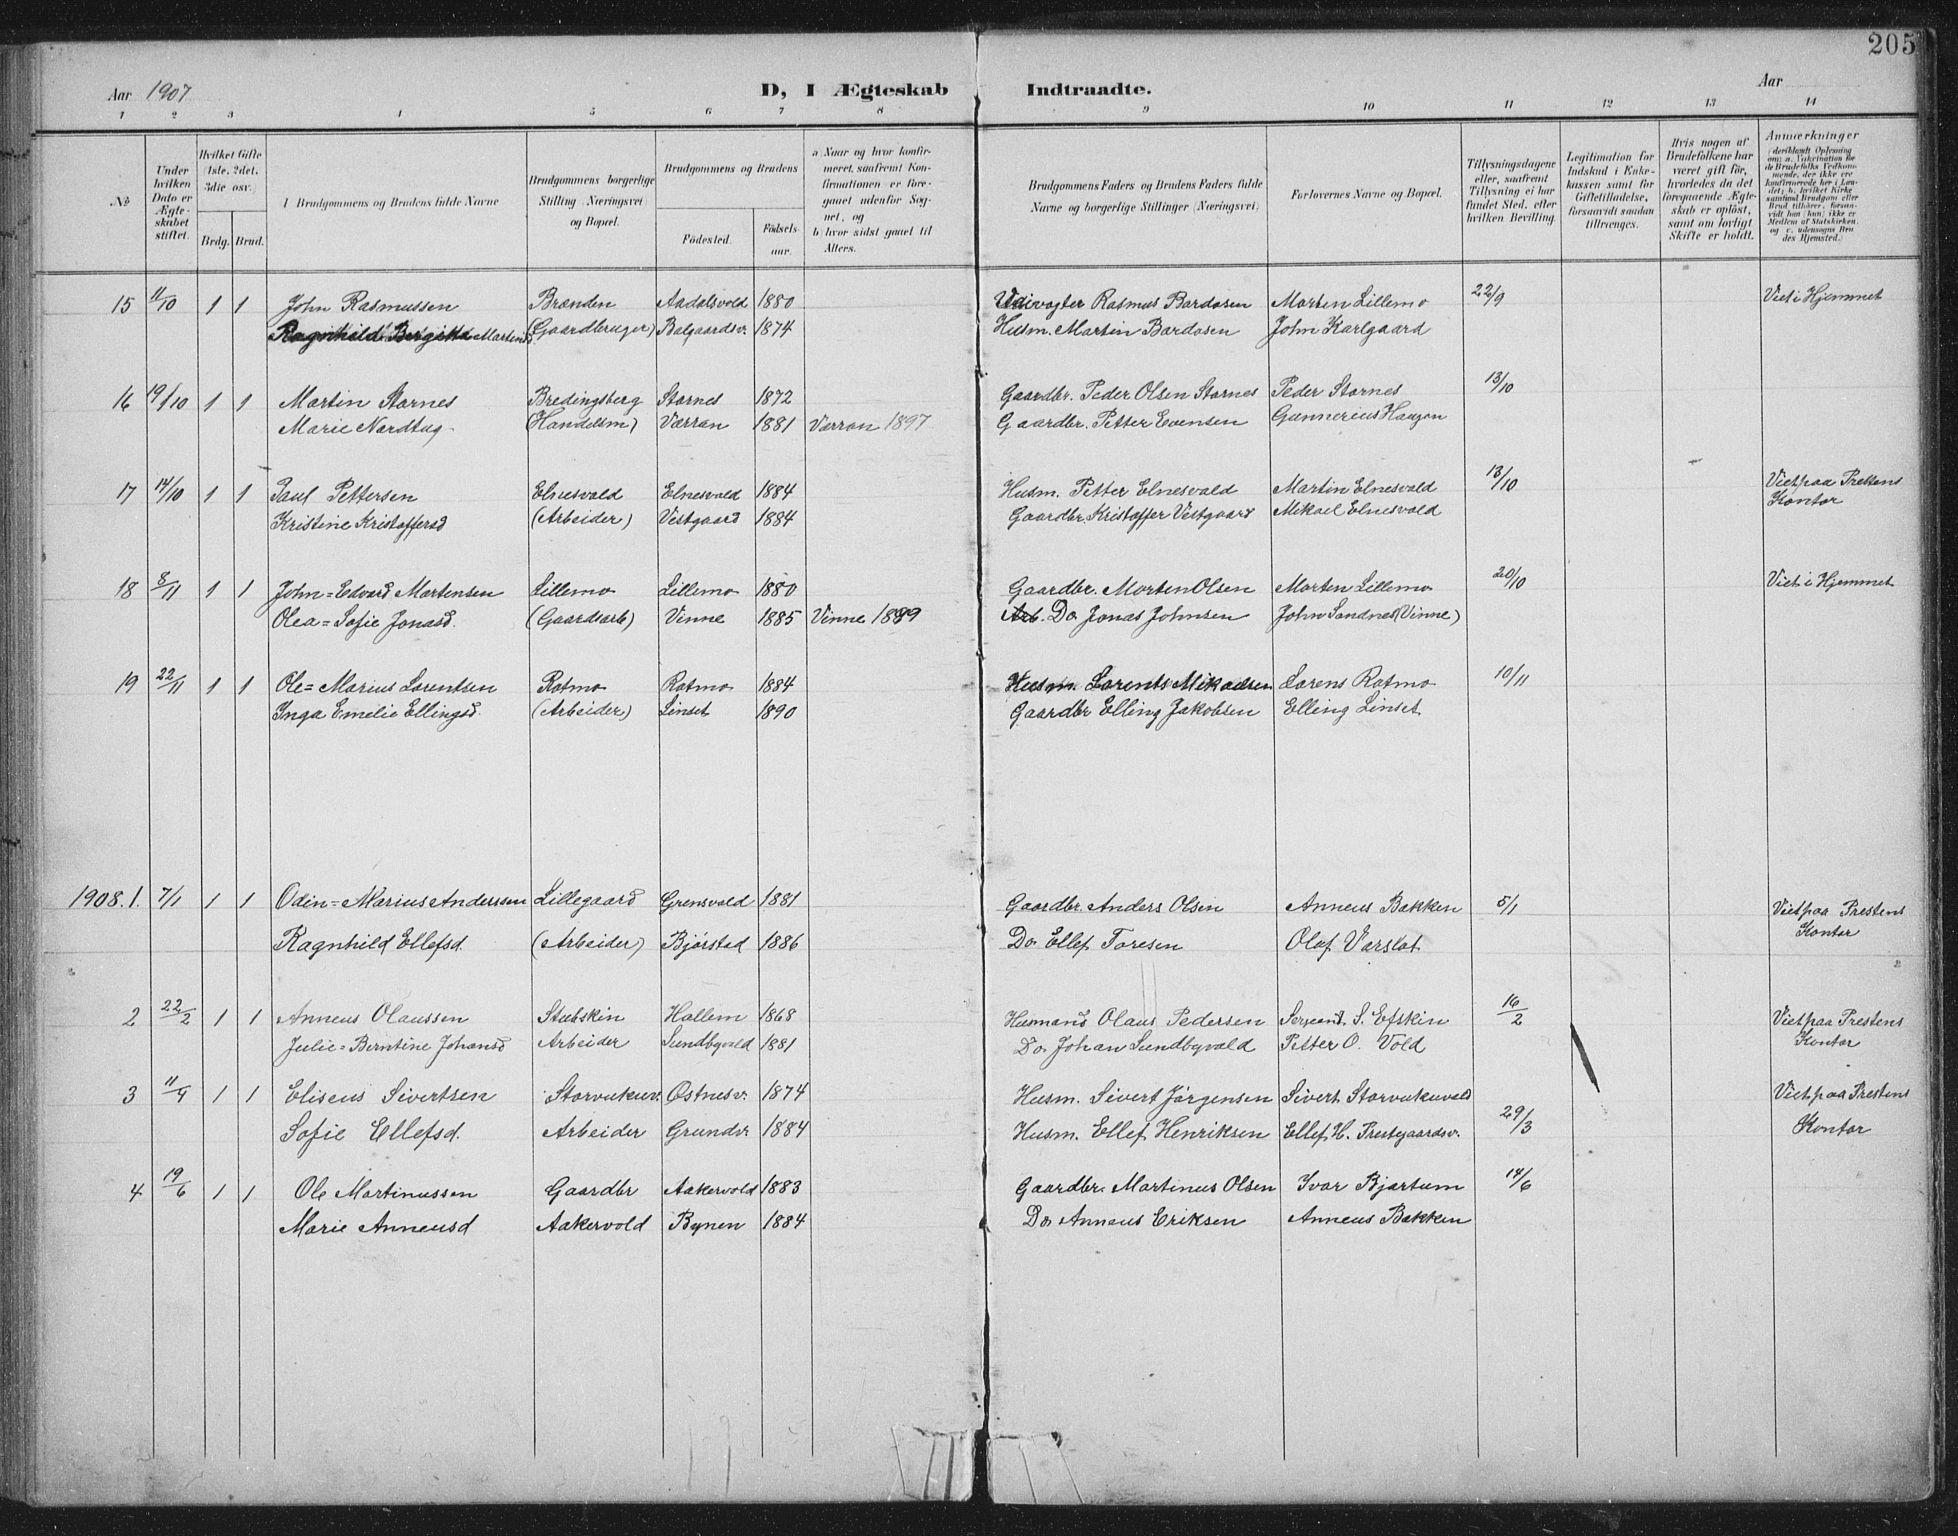 SAT, Ministerialprotokoller, klokkerbøker og fødselsregistre - Nord-Trøndelag, 724/L0269: Klokkerbok nr. 724C05, 1899-1920, s. 205